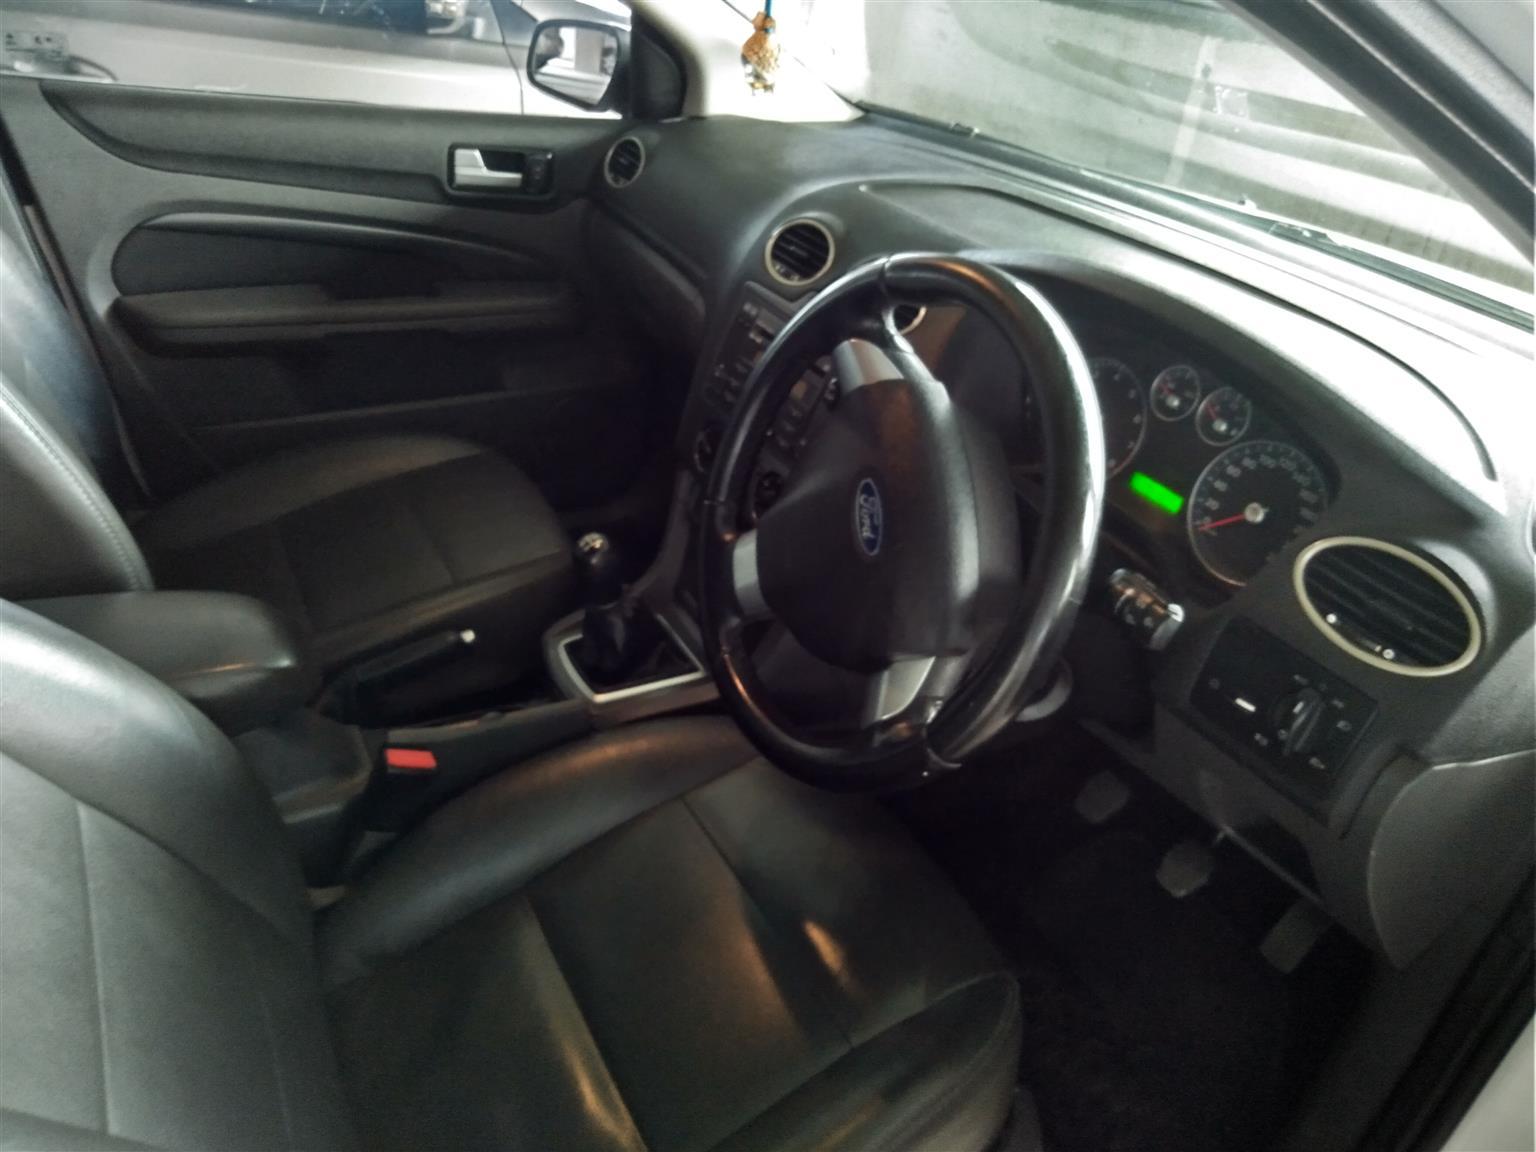 2009 Ford Focus 1.6 5 door Si